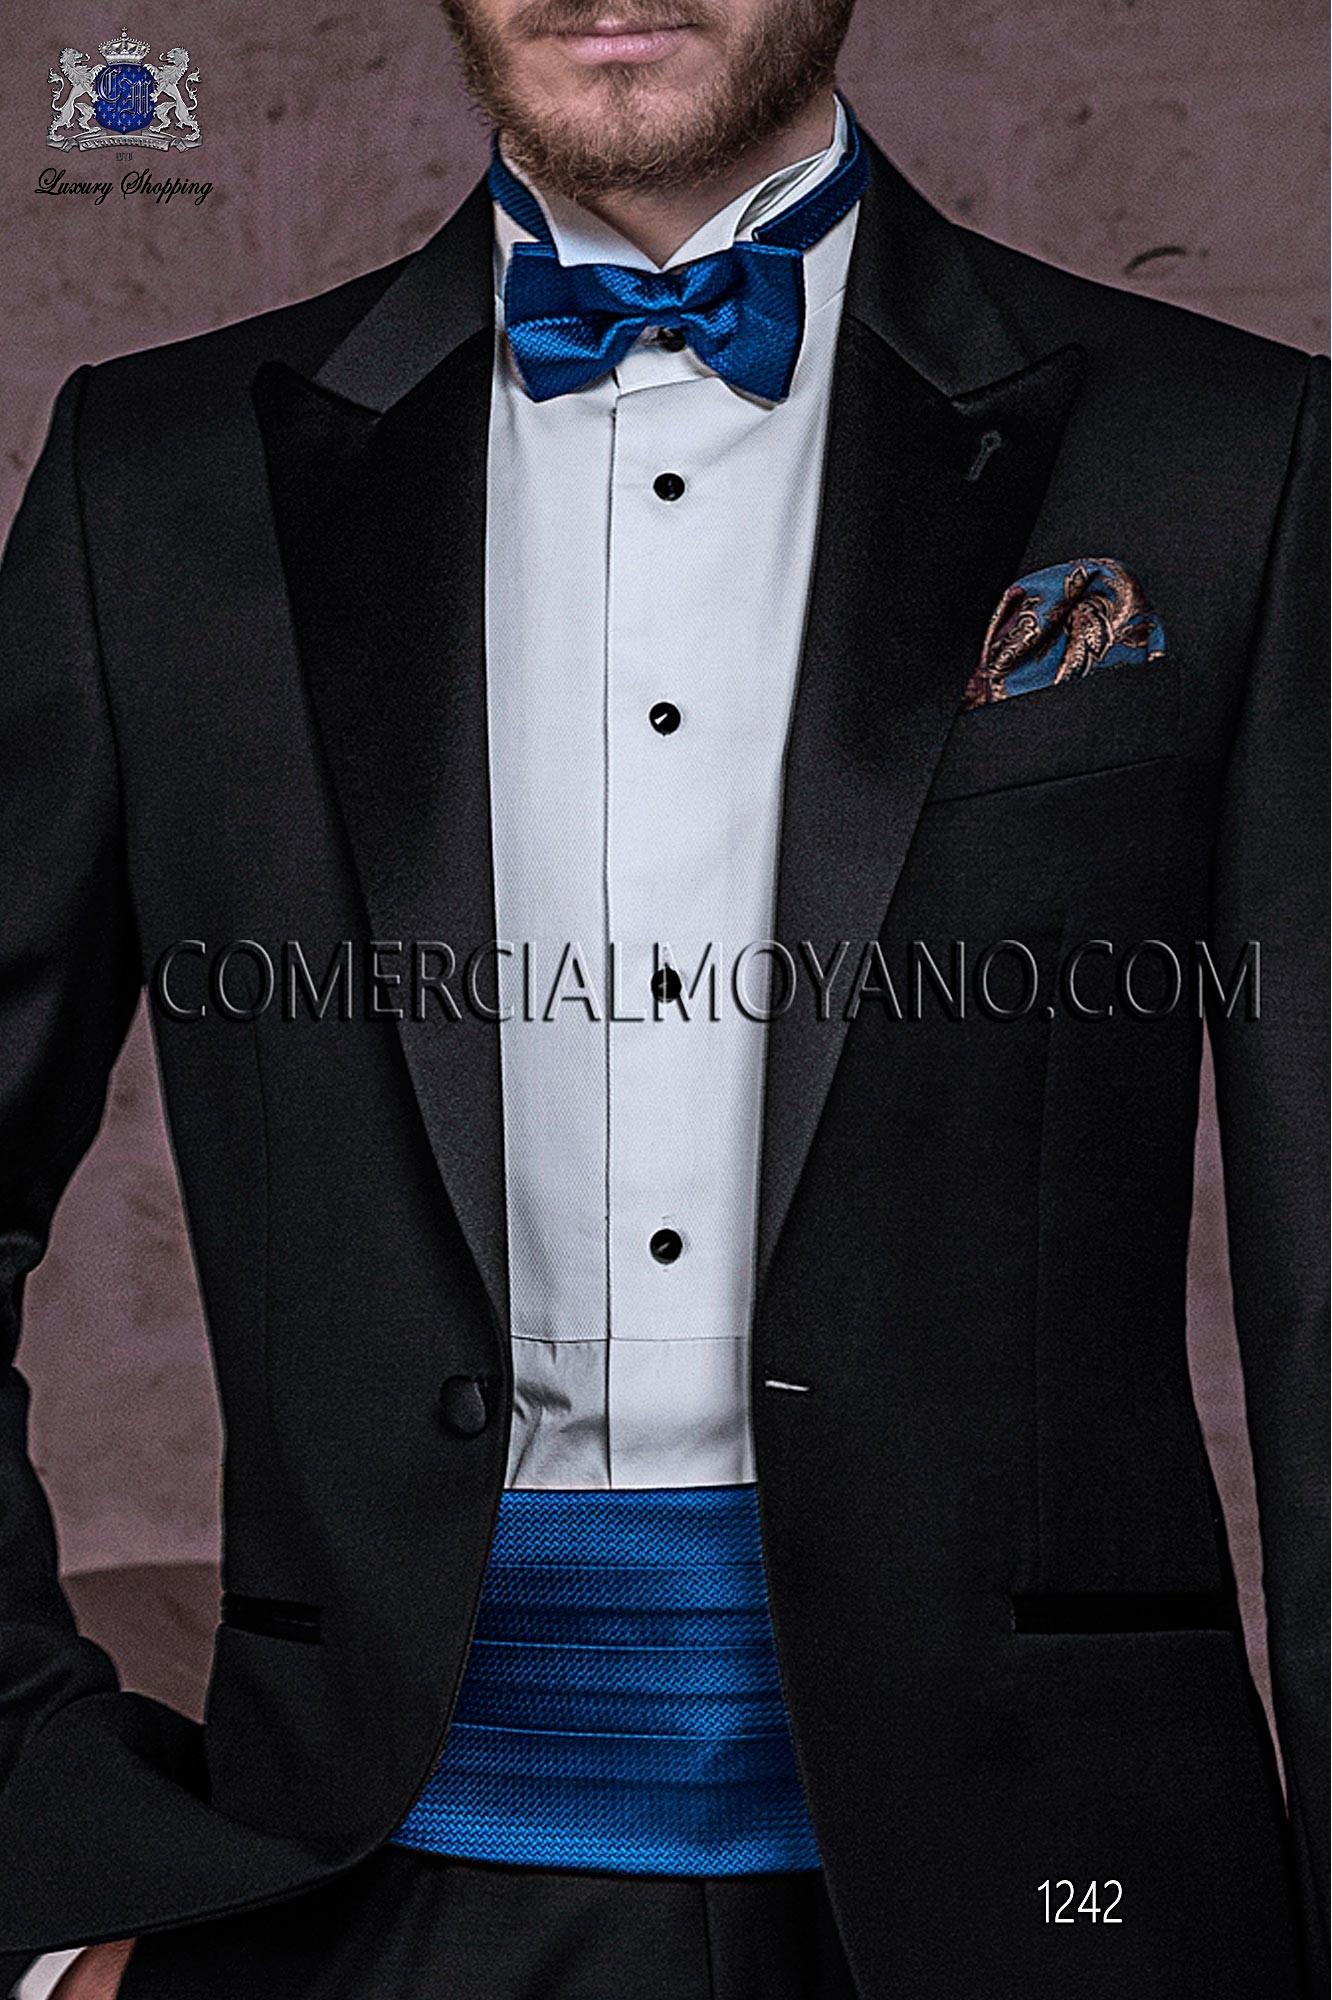 Traje BlackTie de novio negro modelo: 1242 Ottavio Nuccio Gala colección Black Tie